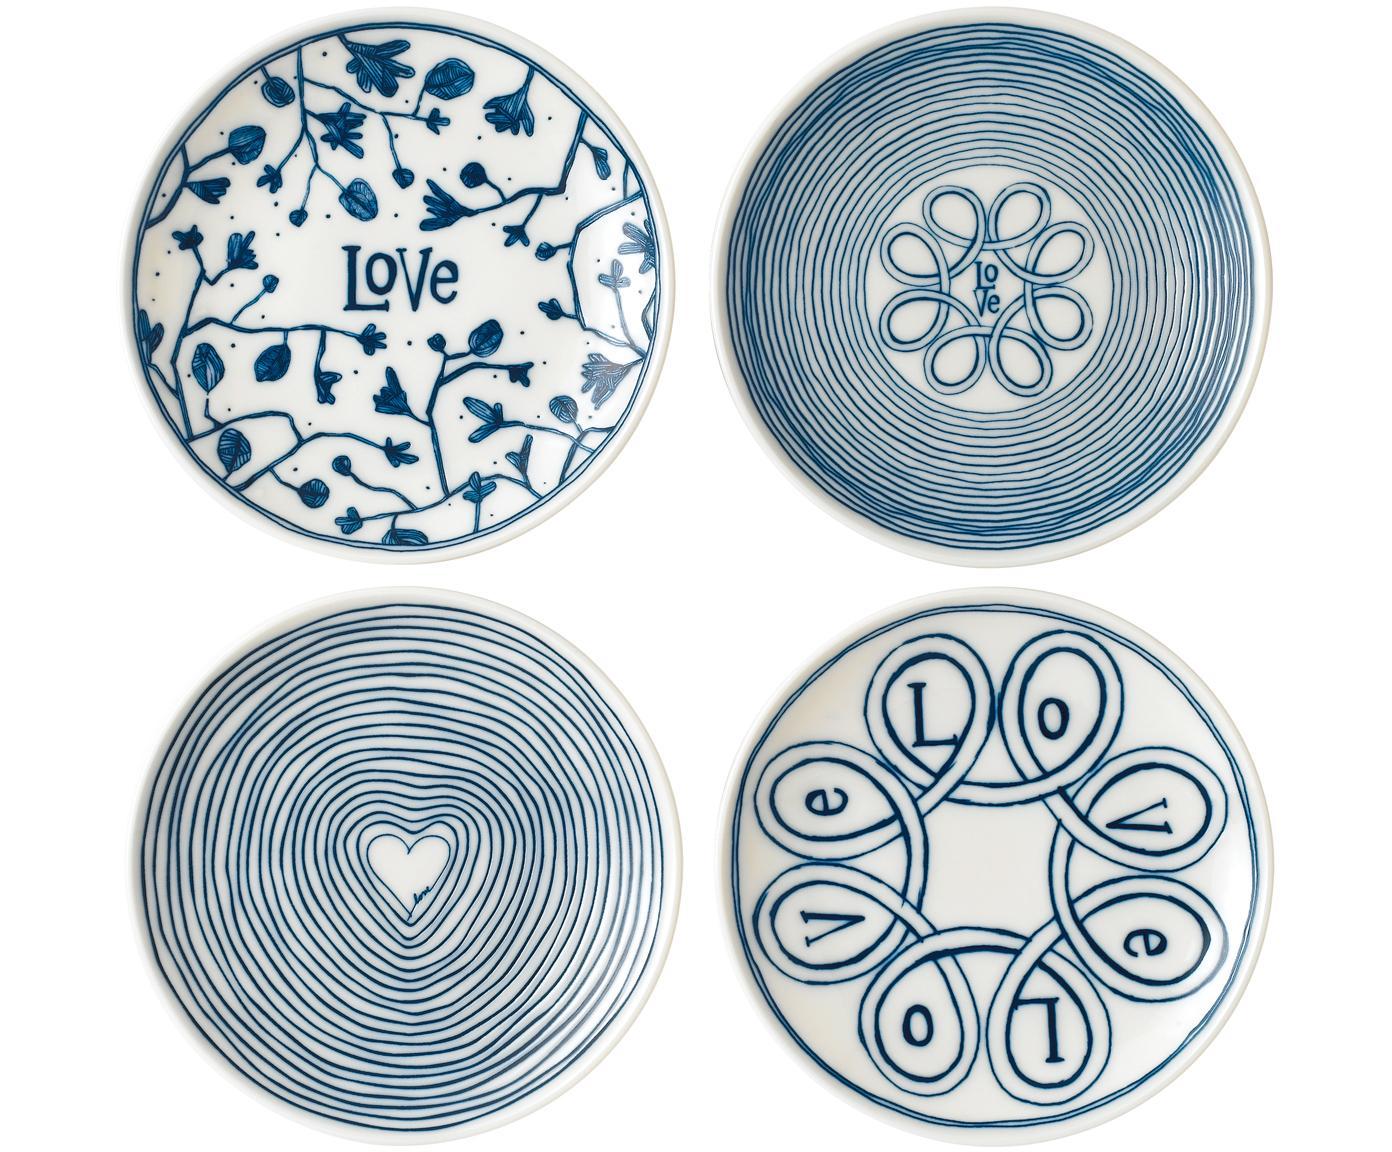 Brotteller-Set Love, 4-tlg., Porzellan, Elfenbein, Kobaltblau, Ø 16 cm